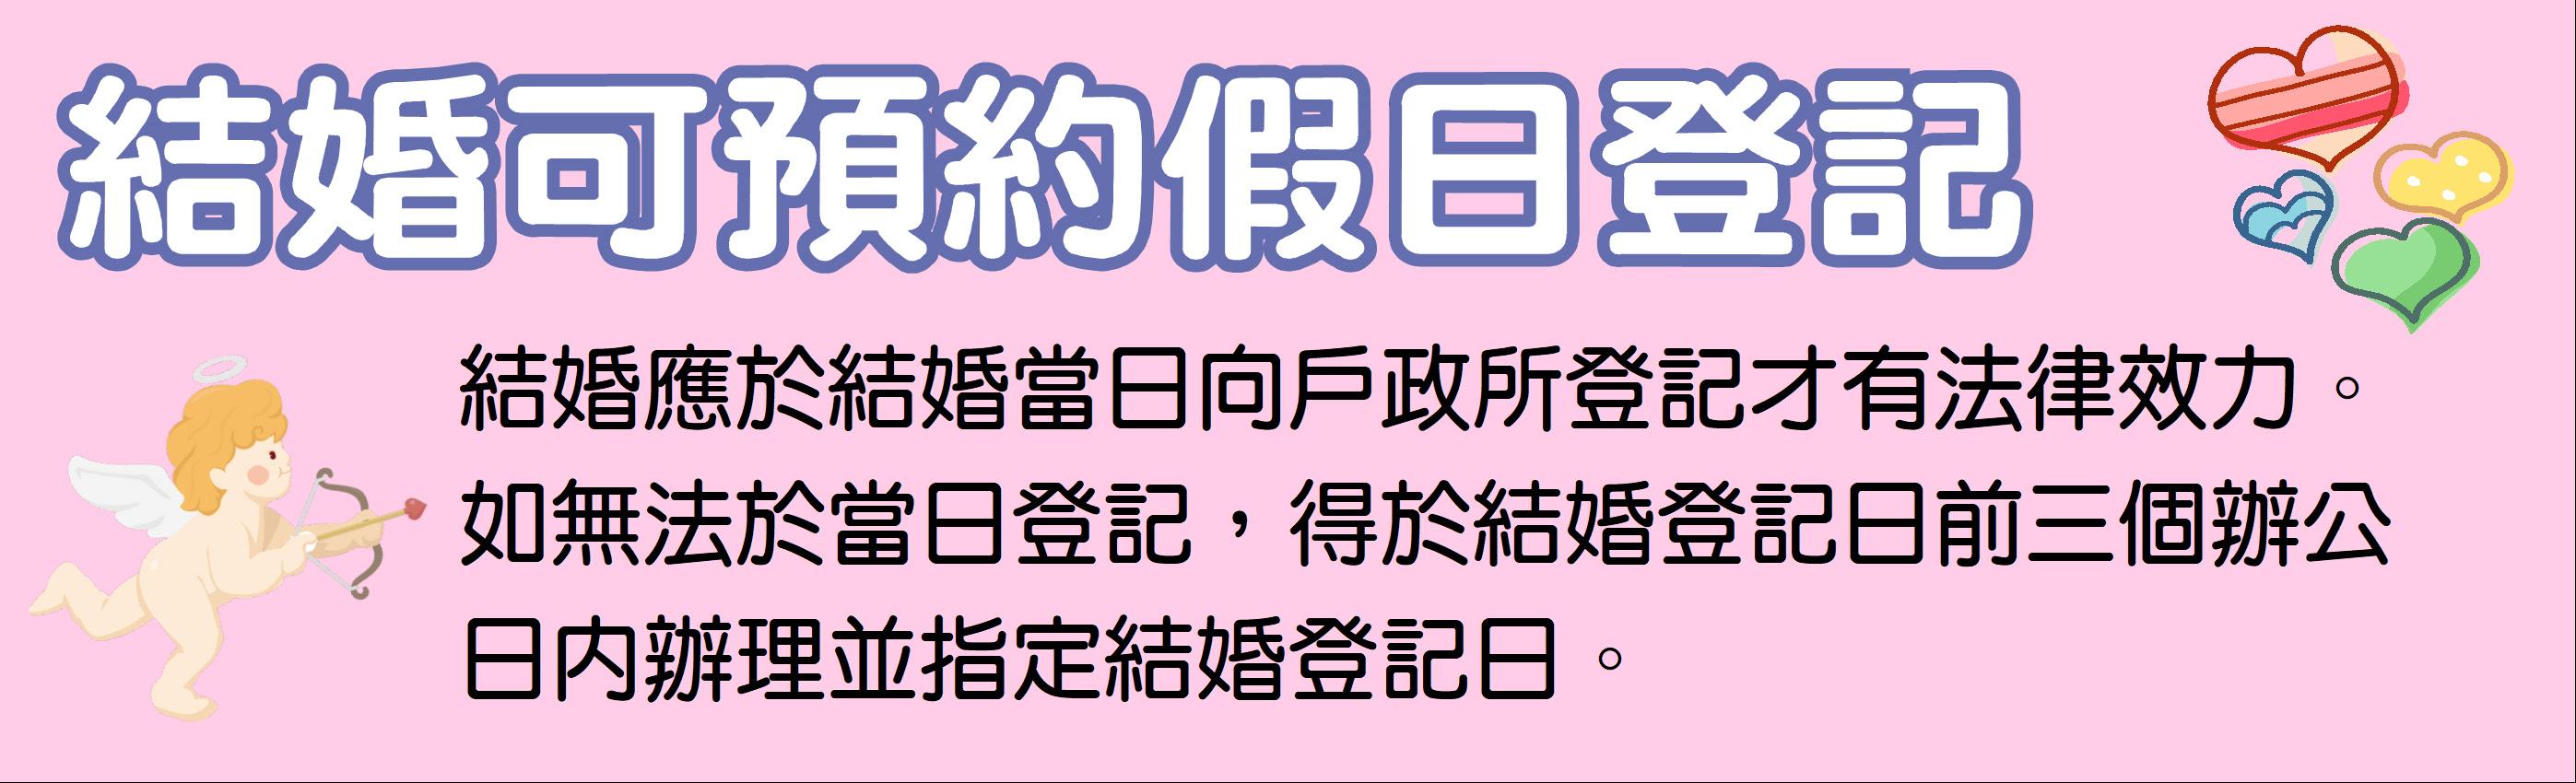 結婚可預約假日登記(結婚登記才生法律效力。並得於結婚登記日前三個辦公日內辦理並指定結婚登記日